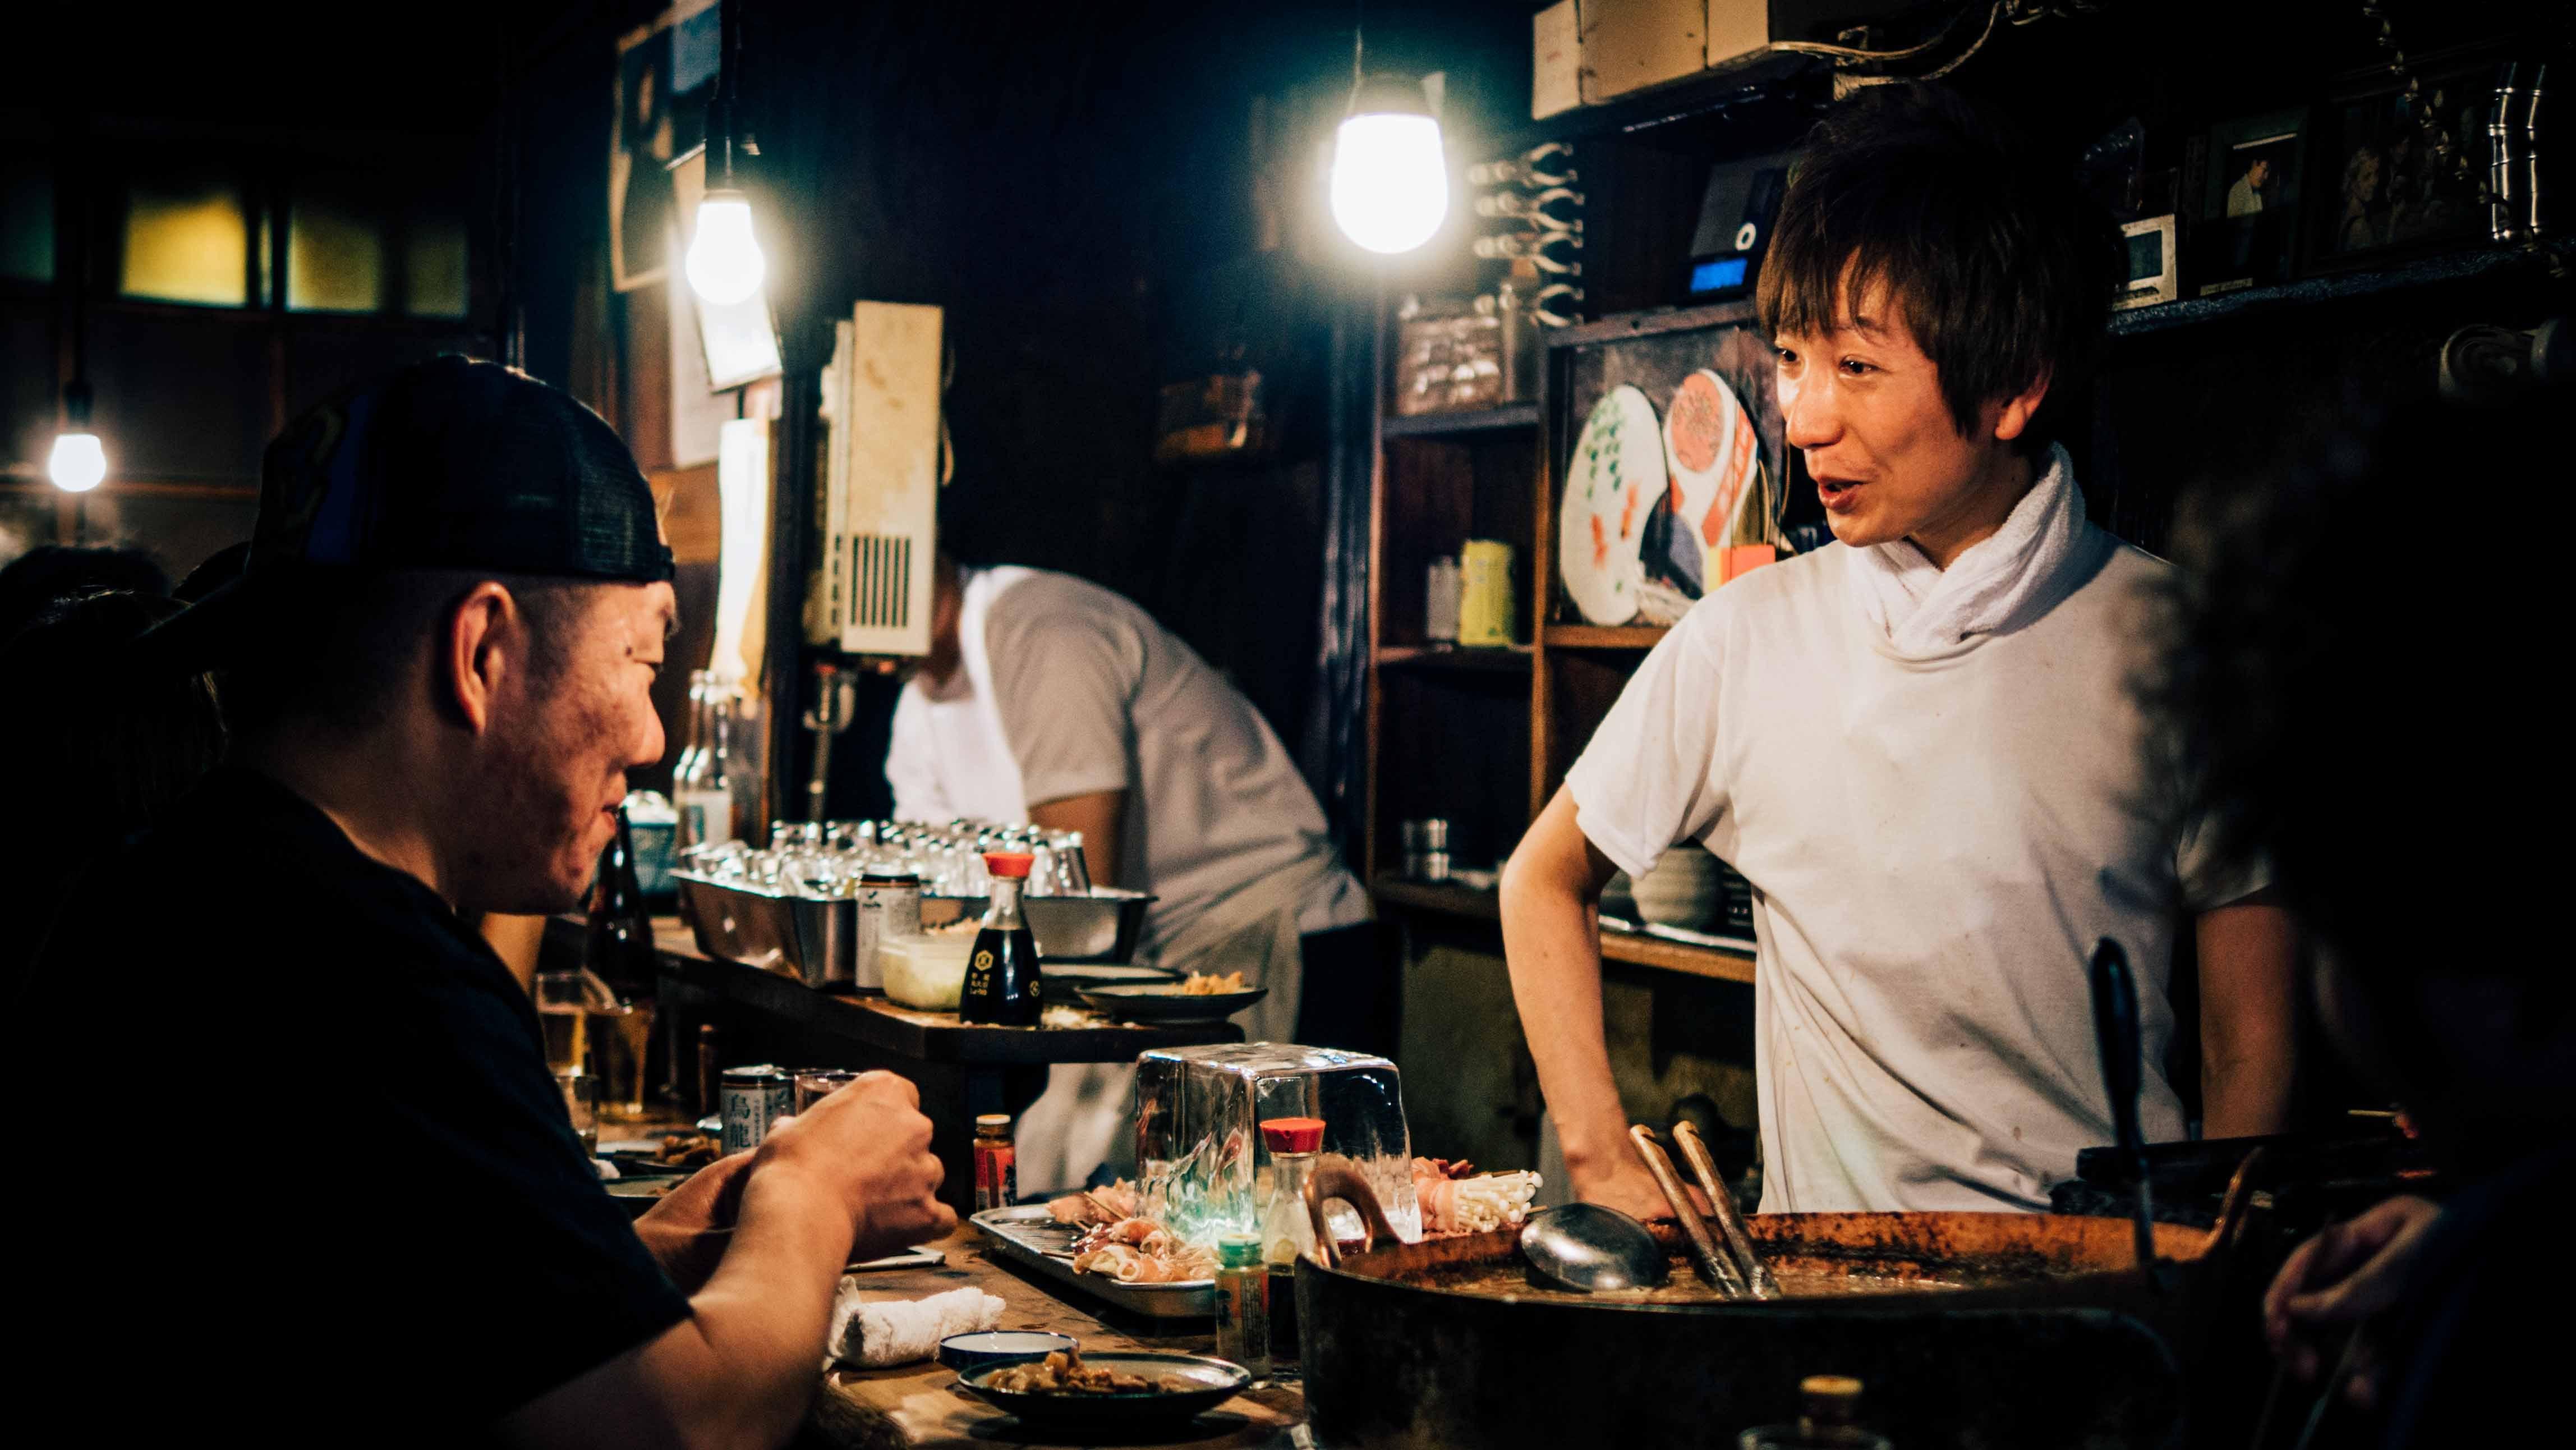 三ちゃん食堂は孤独のグルメで紹介されたおすすめ店!人気メニューもご紹介